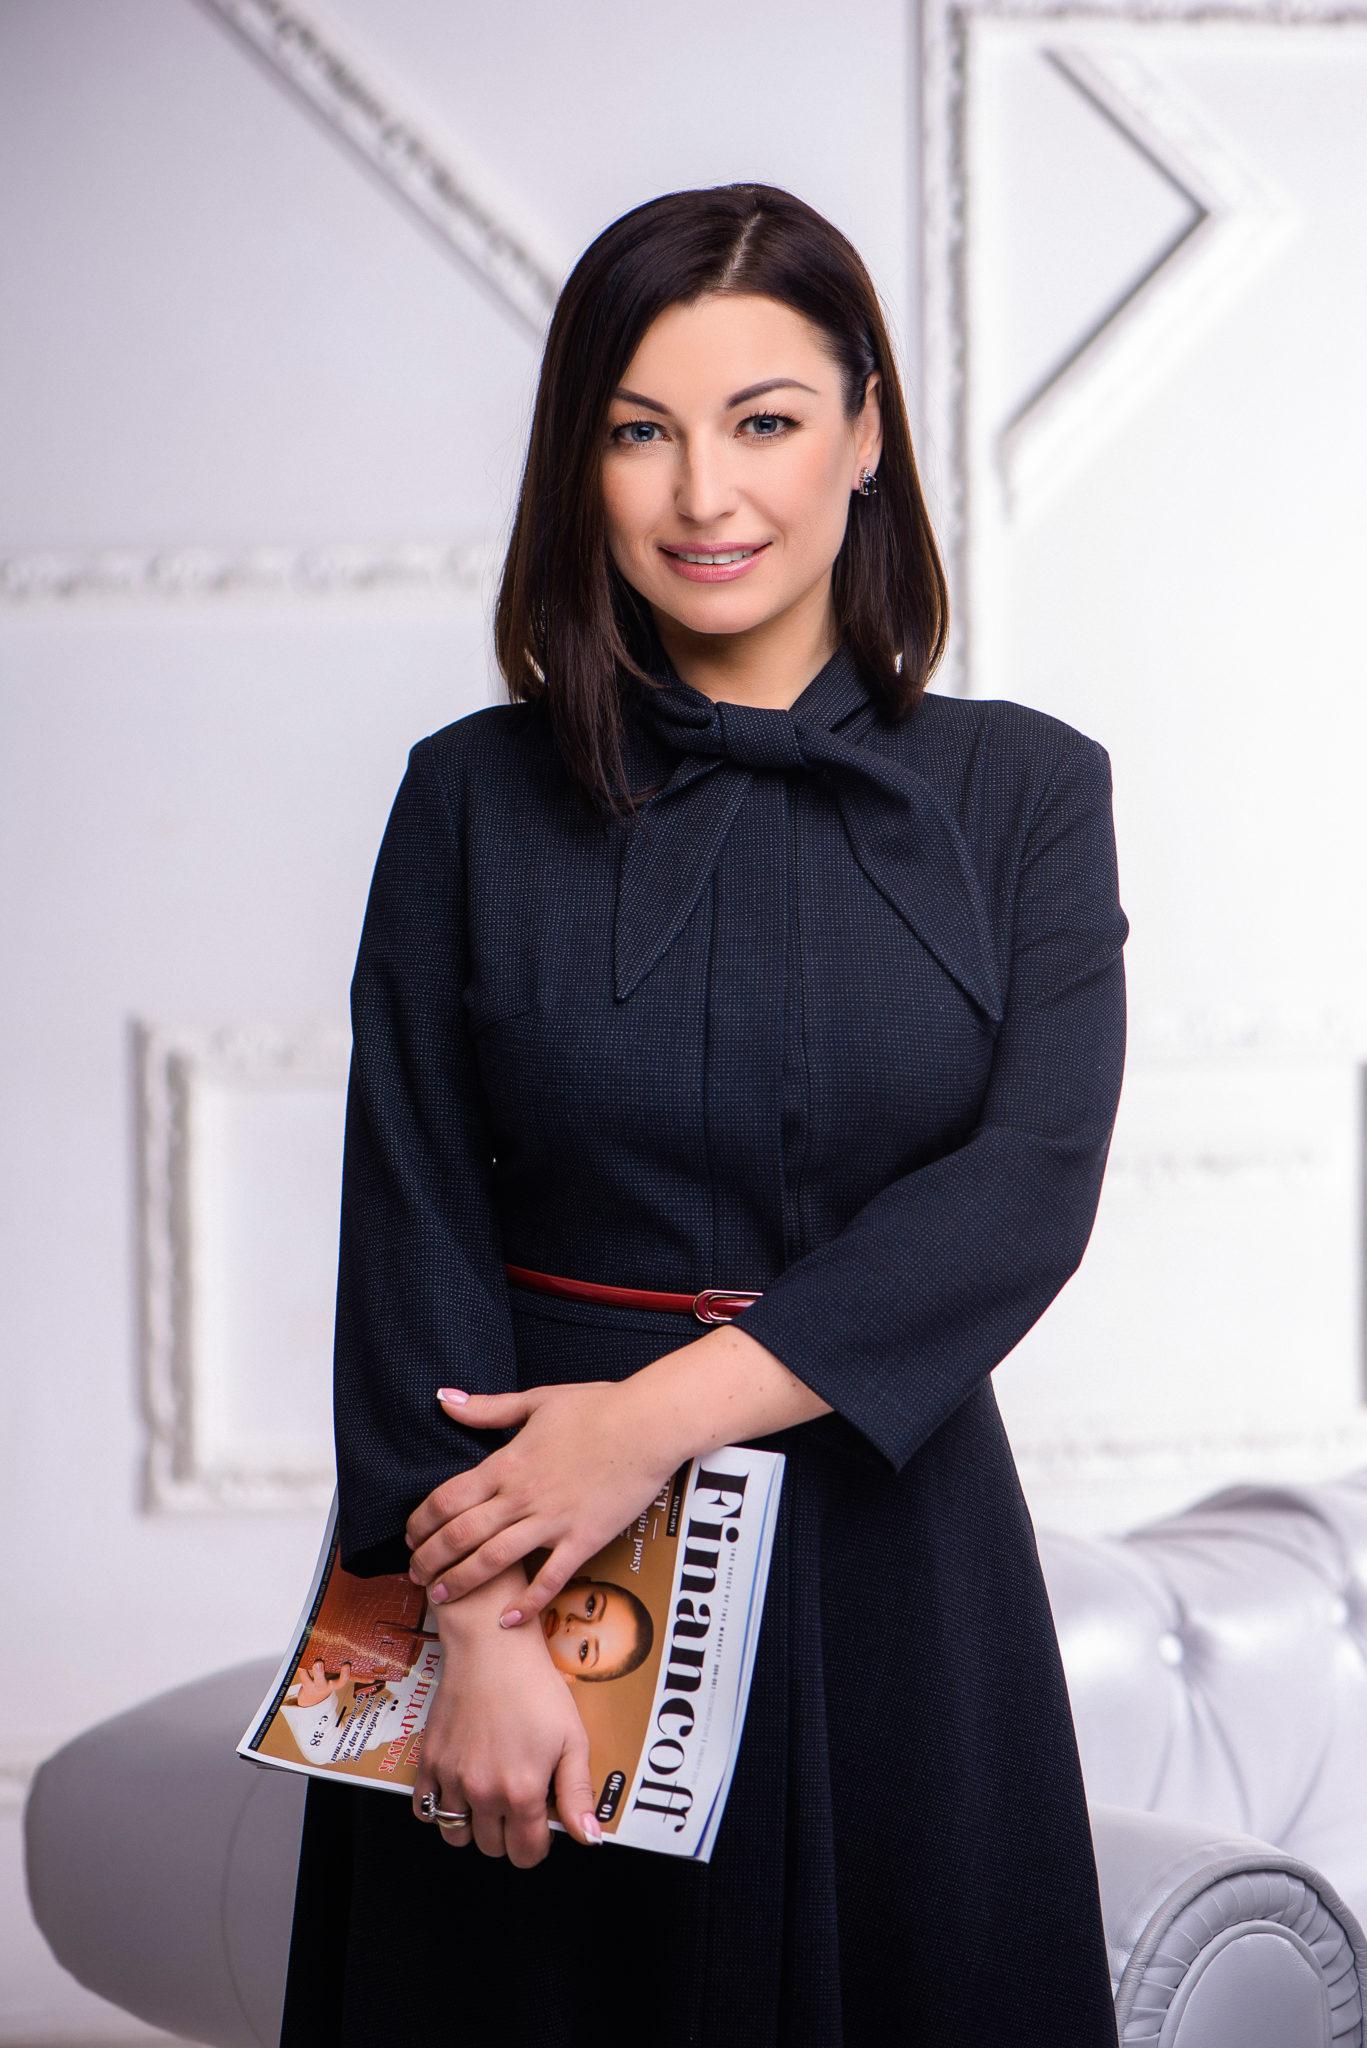 Деловой портрет, бизнес портфолио, портрет дамы в темной платье с журналом в руках